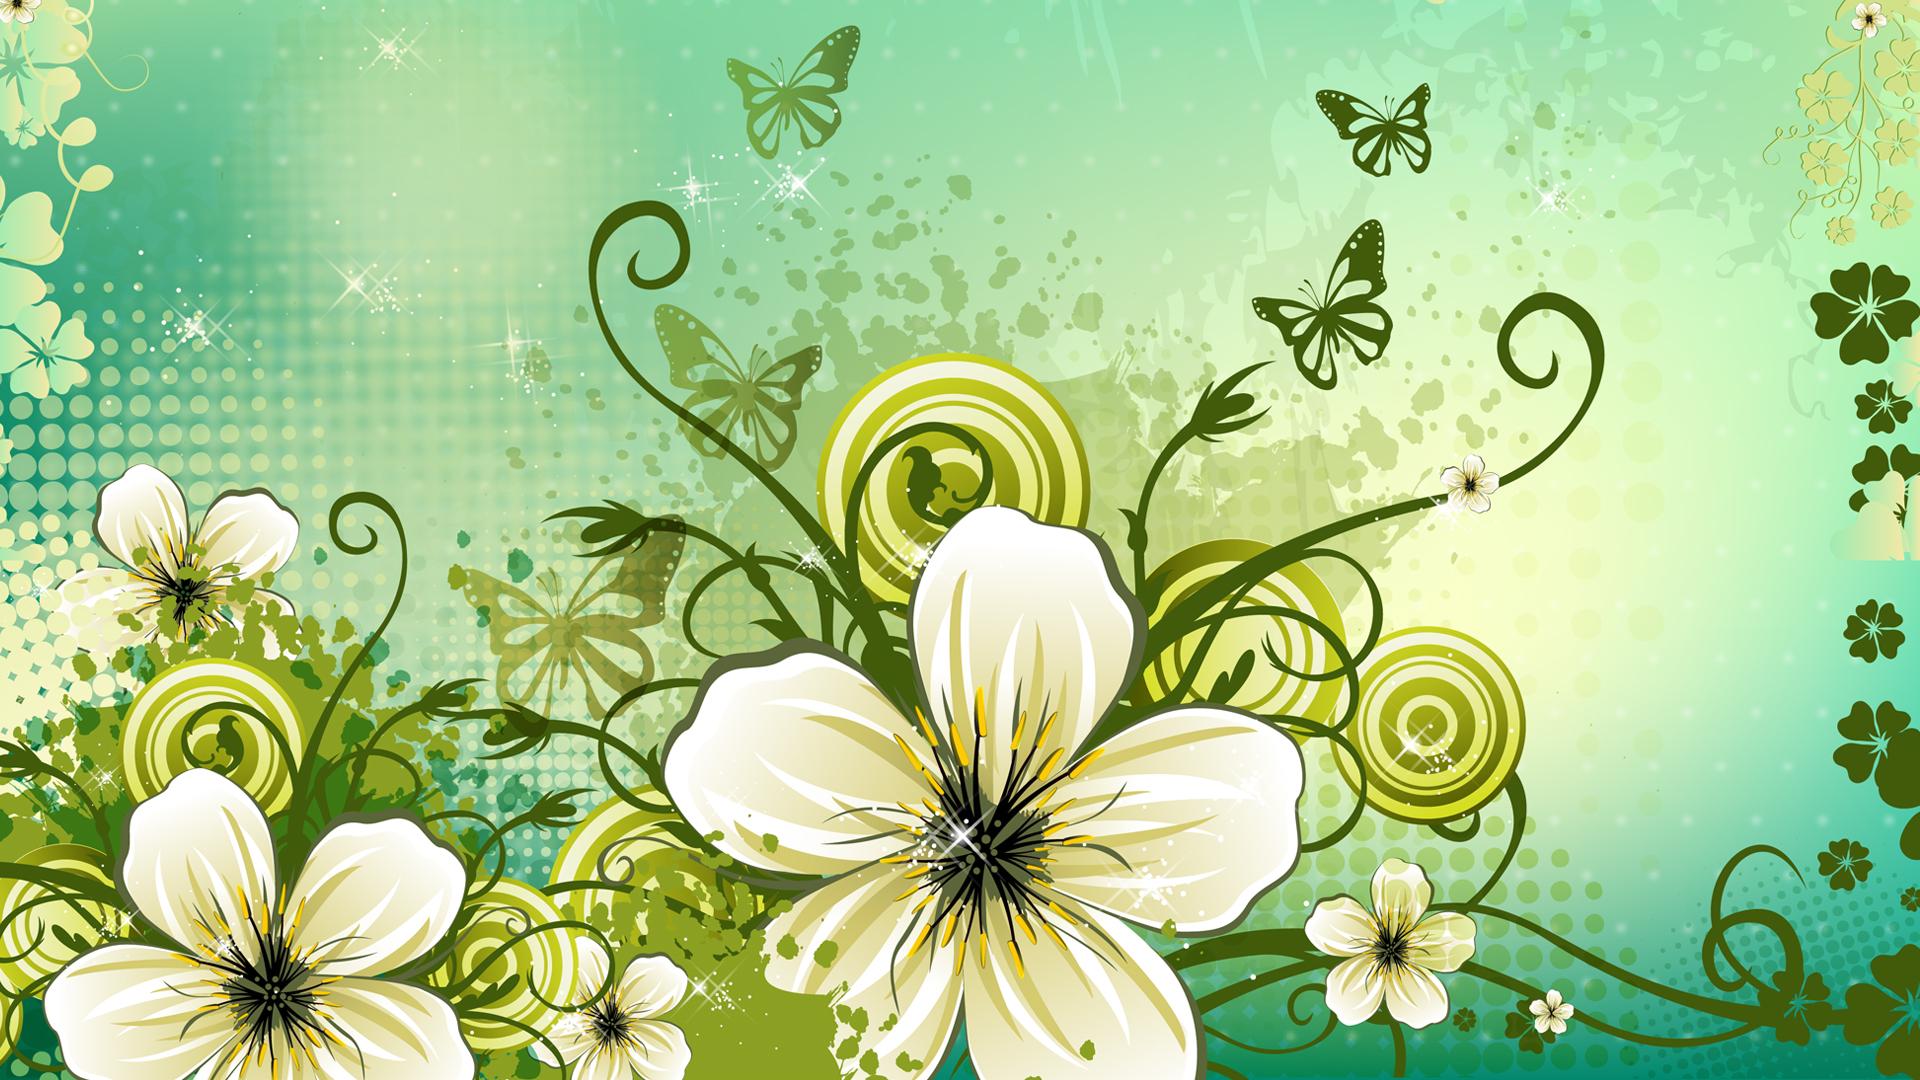 Vector Floral Digital Art 1920x1080